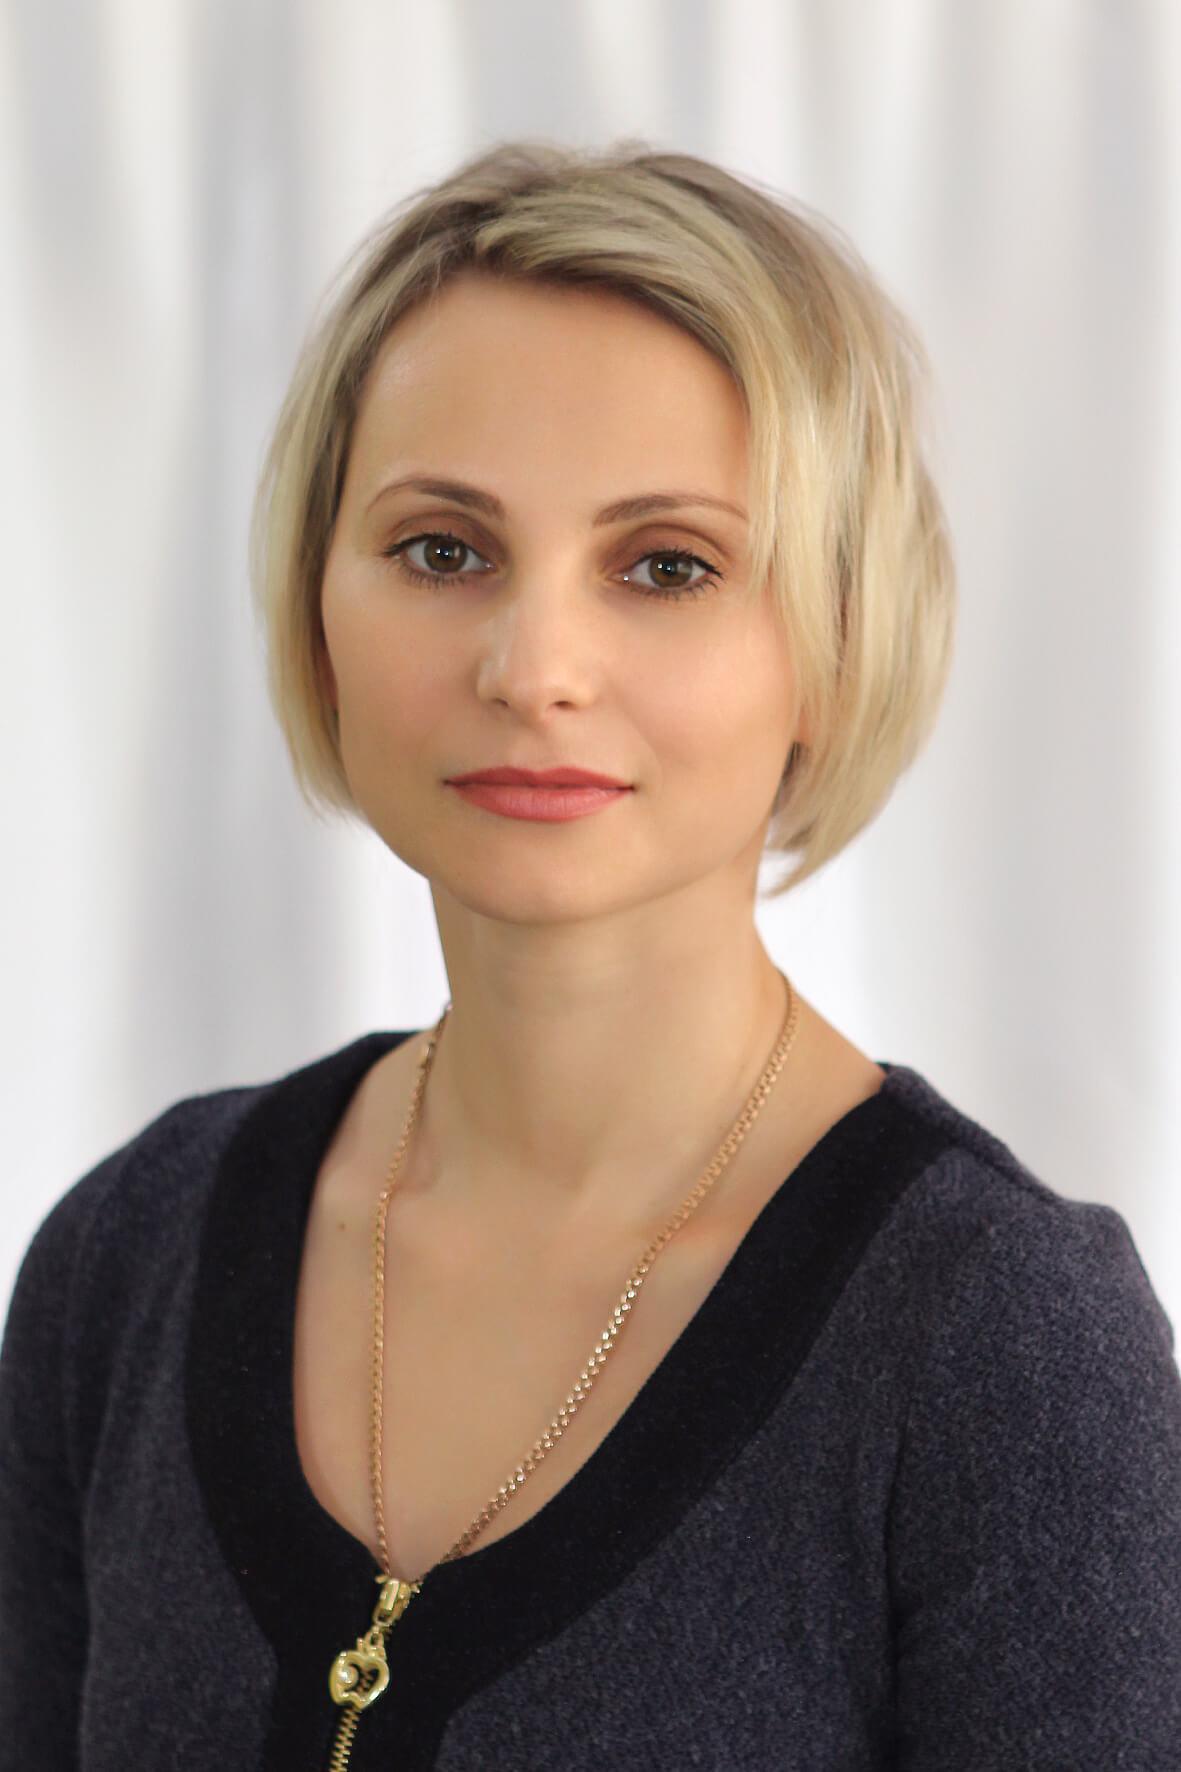 Світлана Коваль, Фото: із соціальних мереж